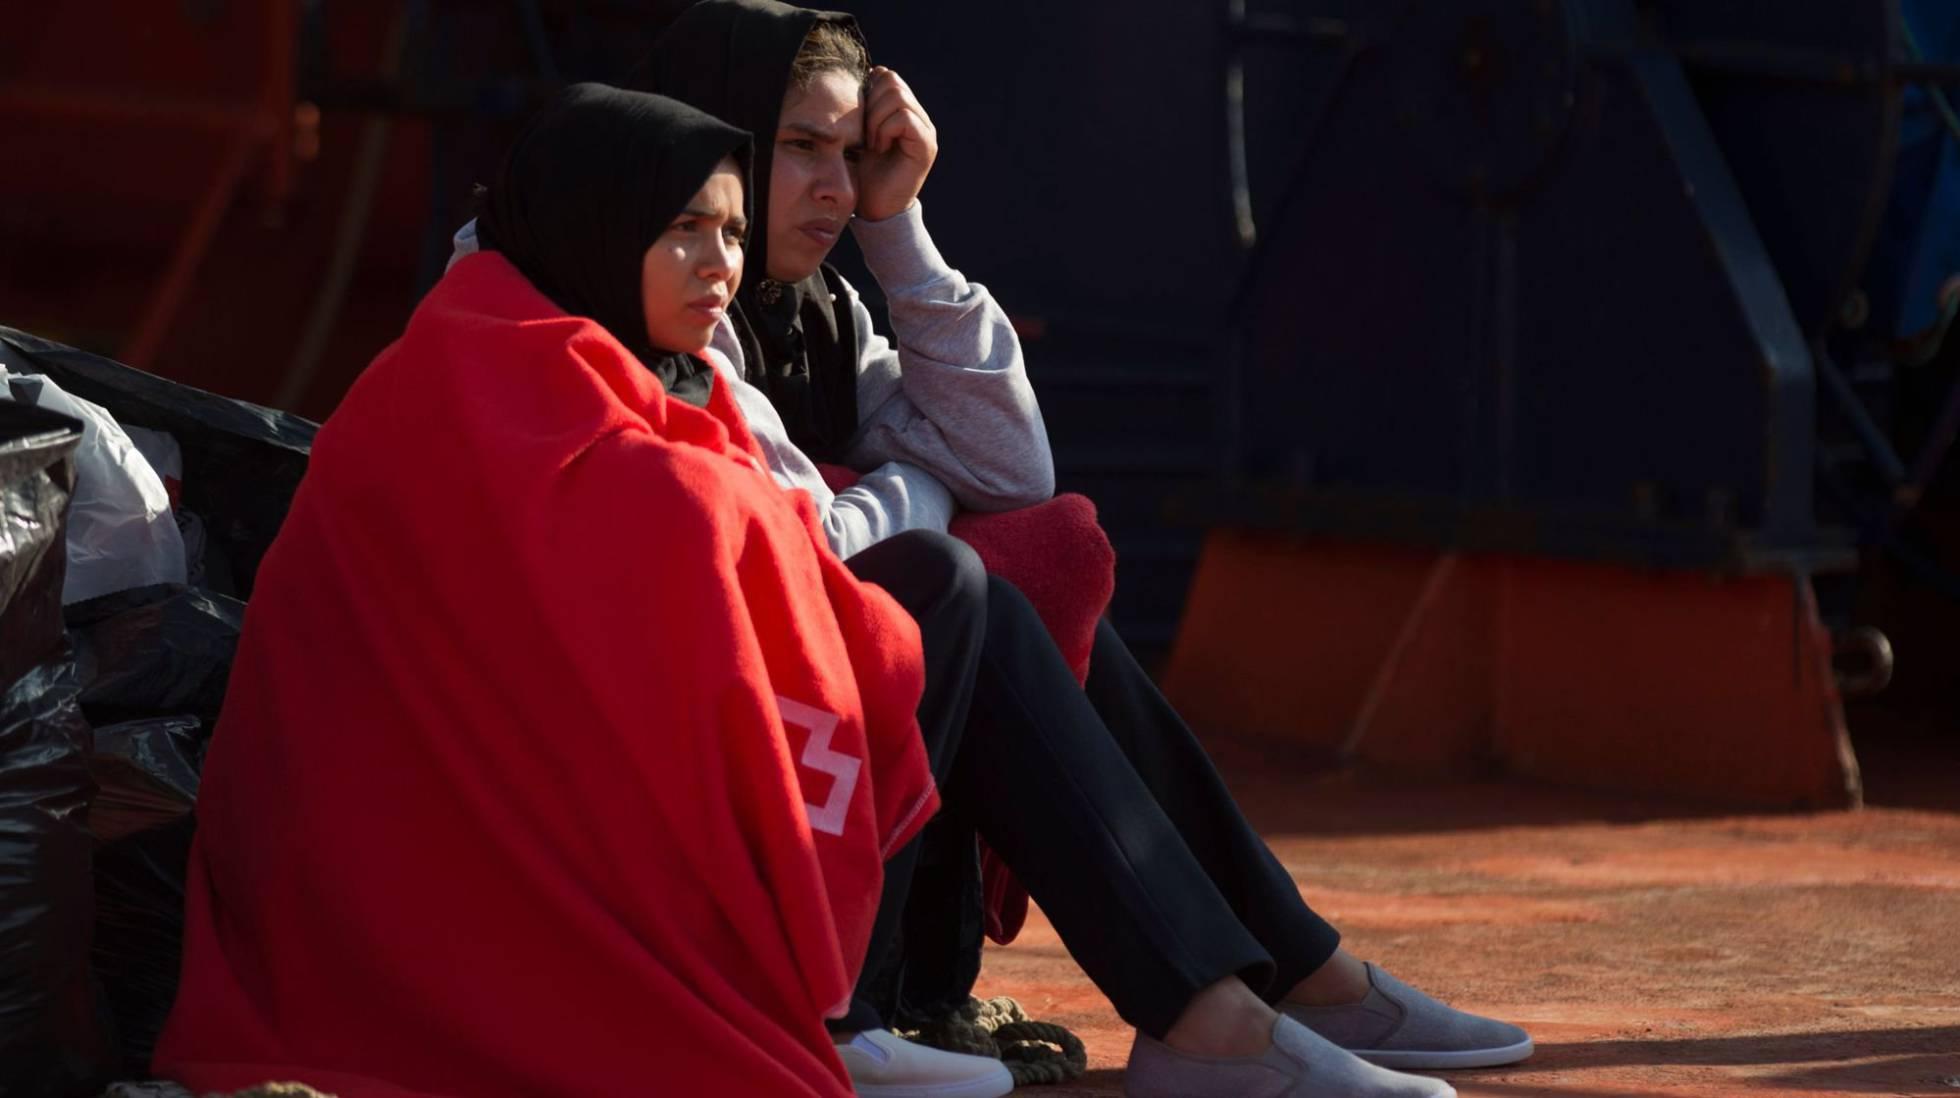 Cruz Roja denuncia que se criminalice la asistencia a los inmigrantes